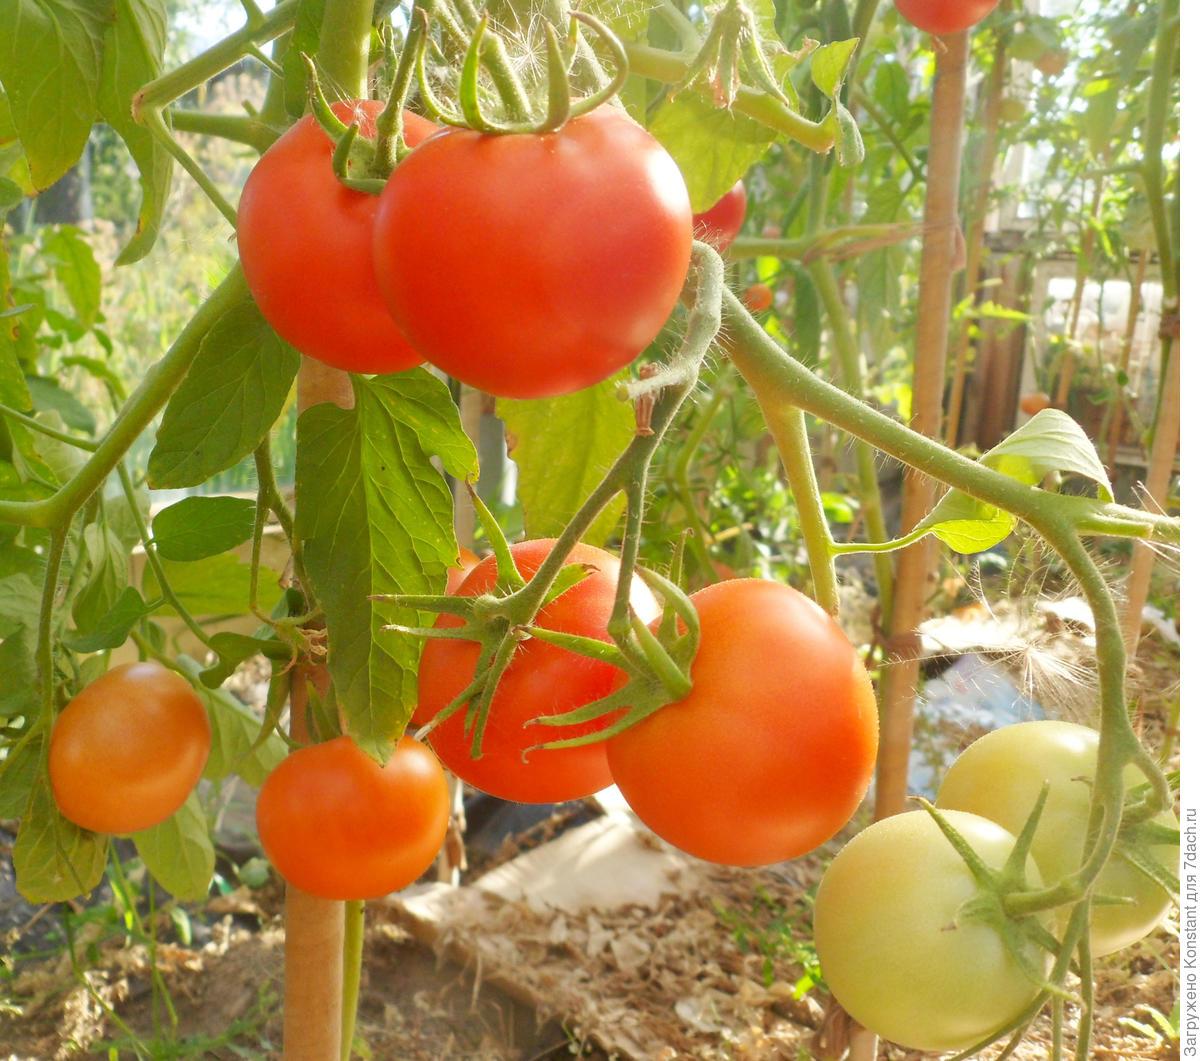 Томат хали-гали: характеристика и описание сорта, отзывы садоводов с фото